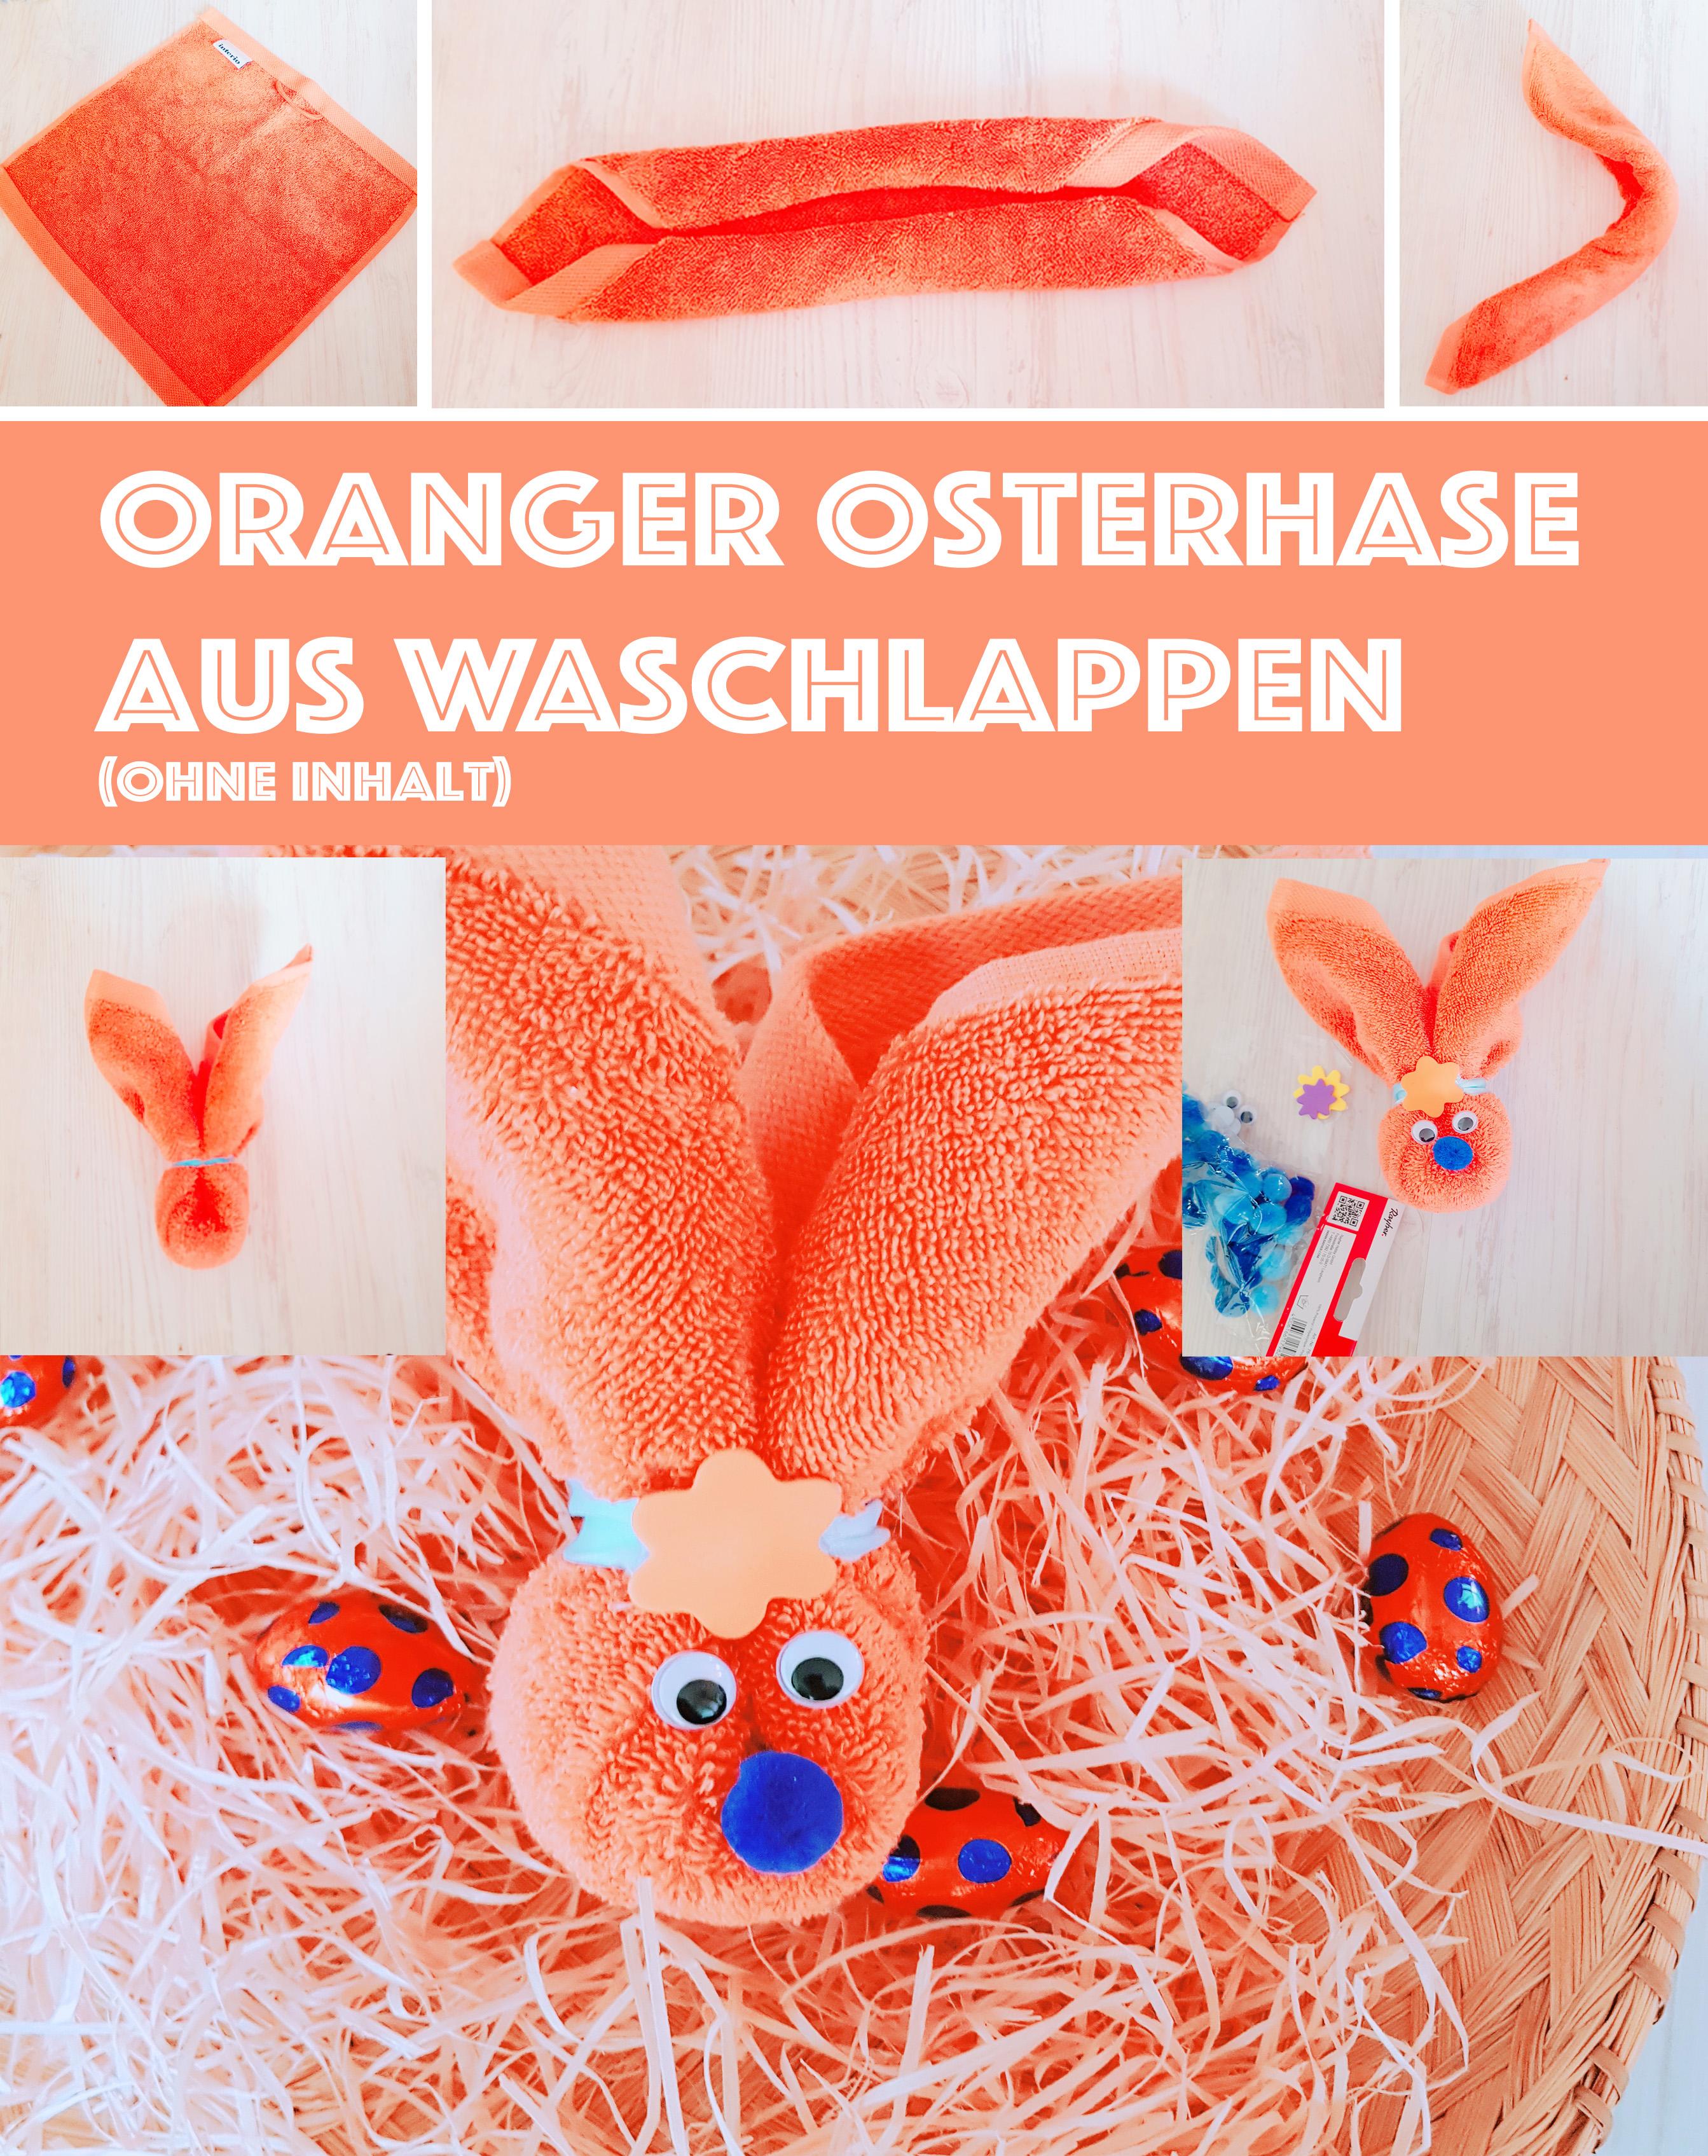 orangerhase_zusammenstellung_bearbeitet-1